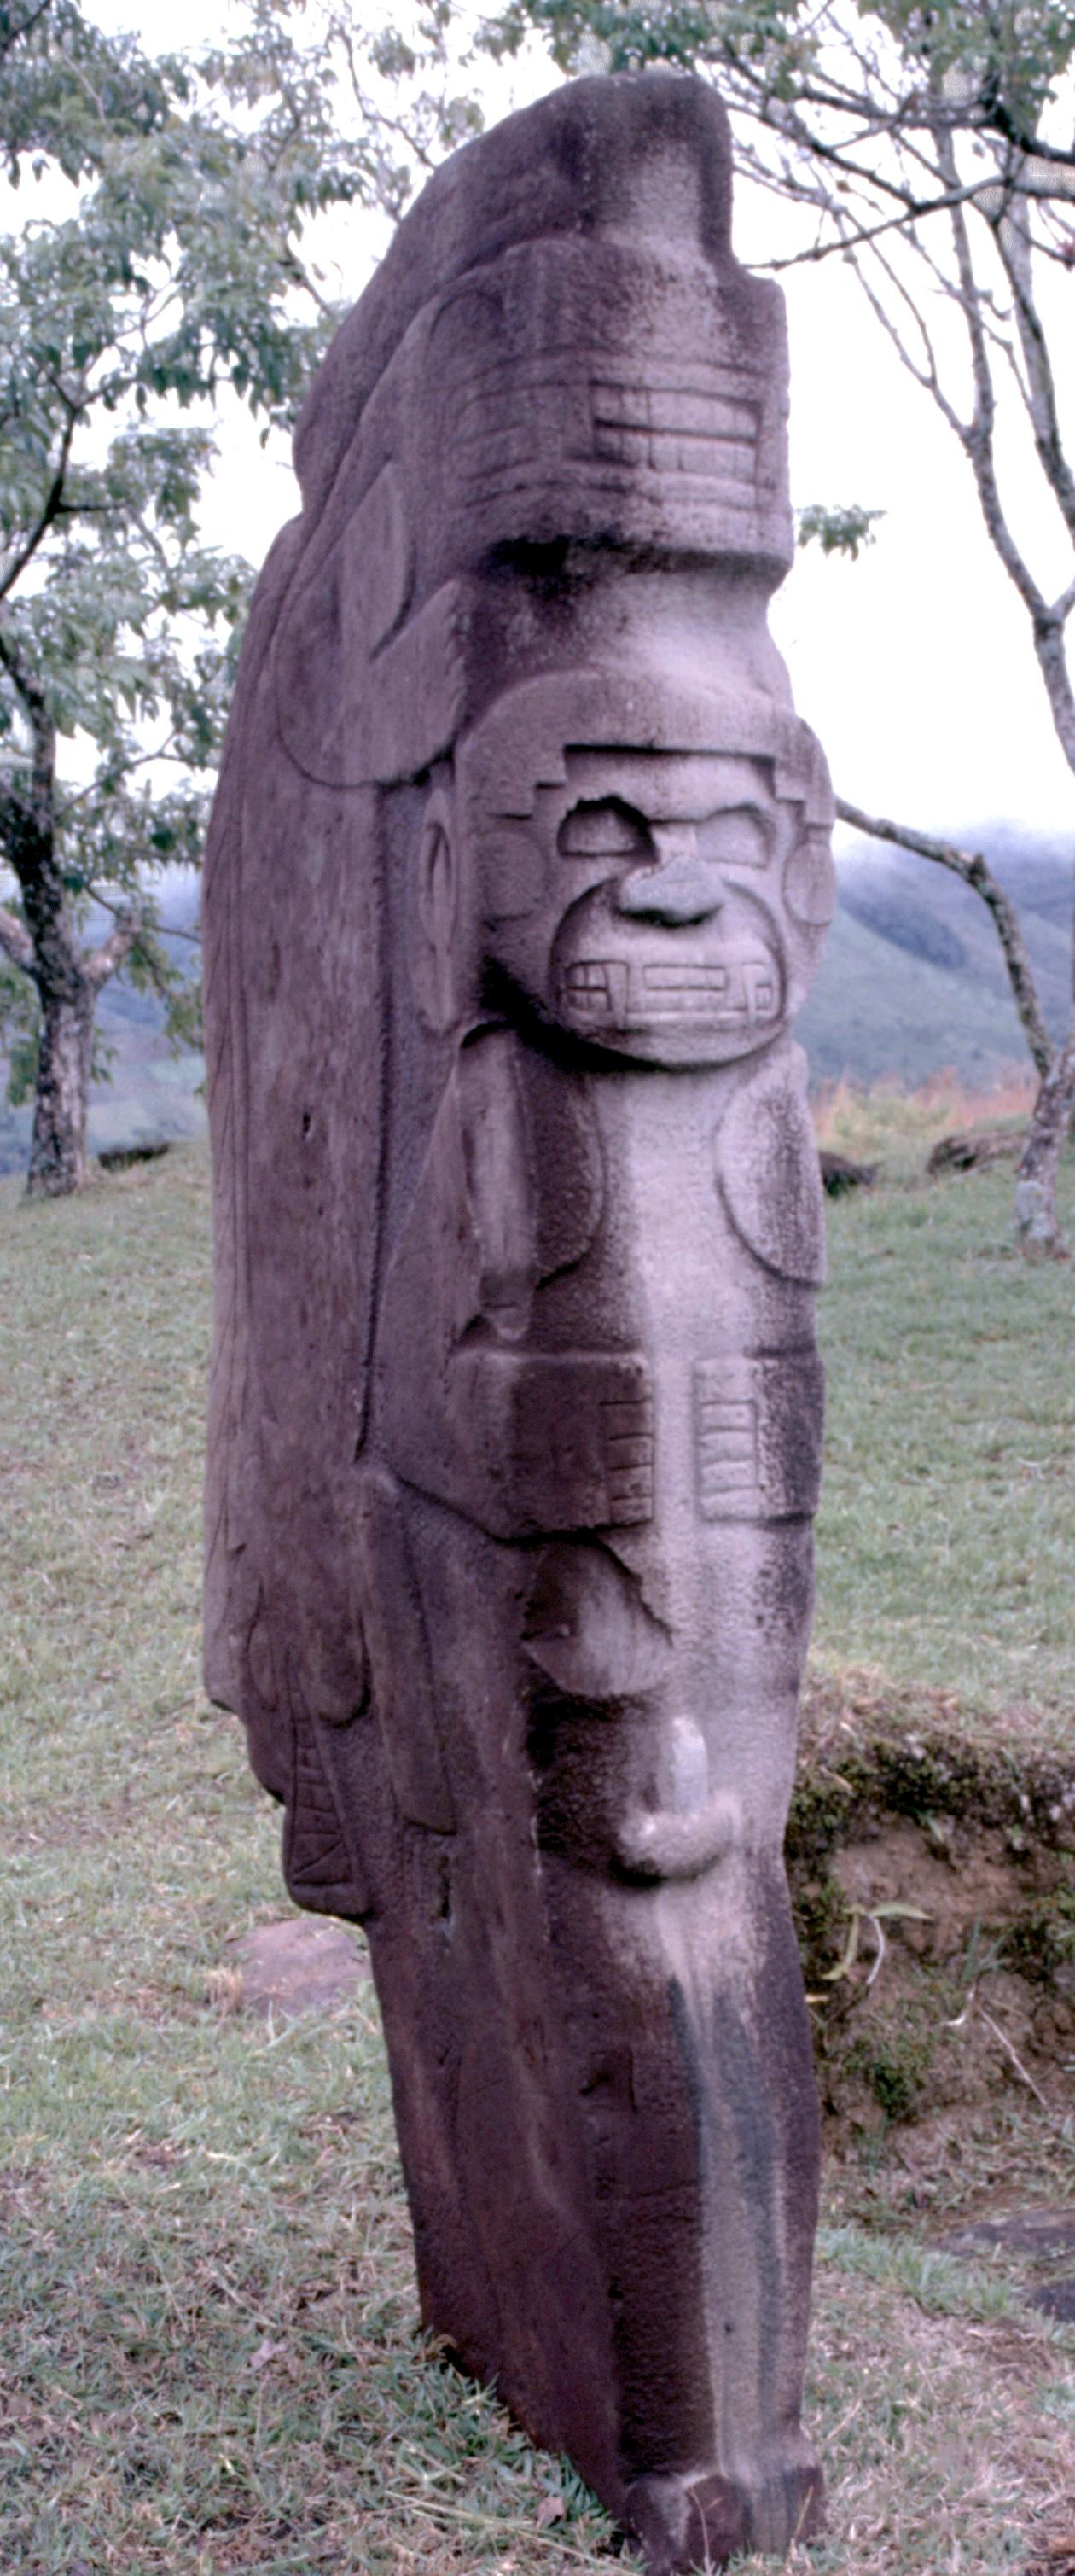 Beaucoup de statues de San Agustin représentent des animaux ; c'est le cas de celle-ci, figurant un singe armé de crocs.